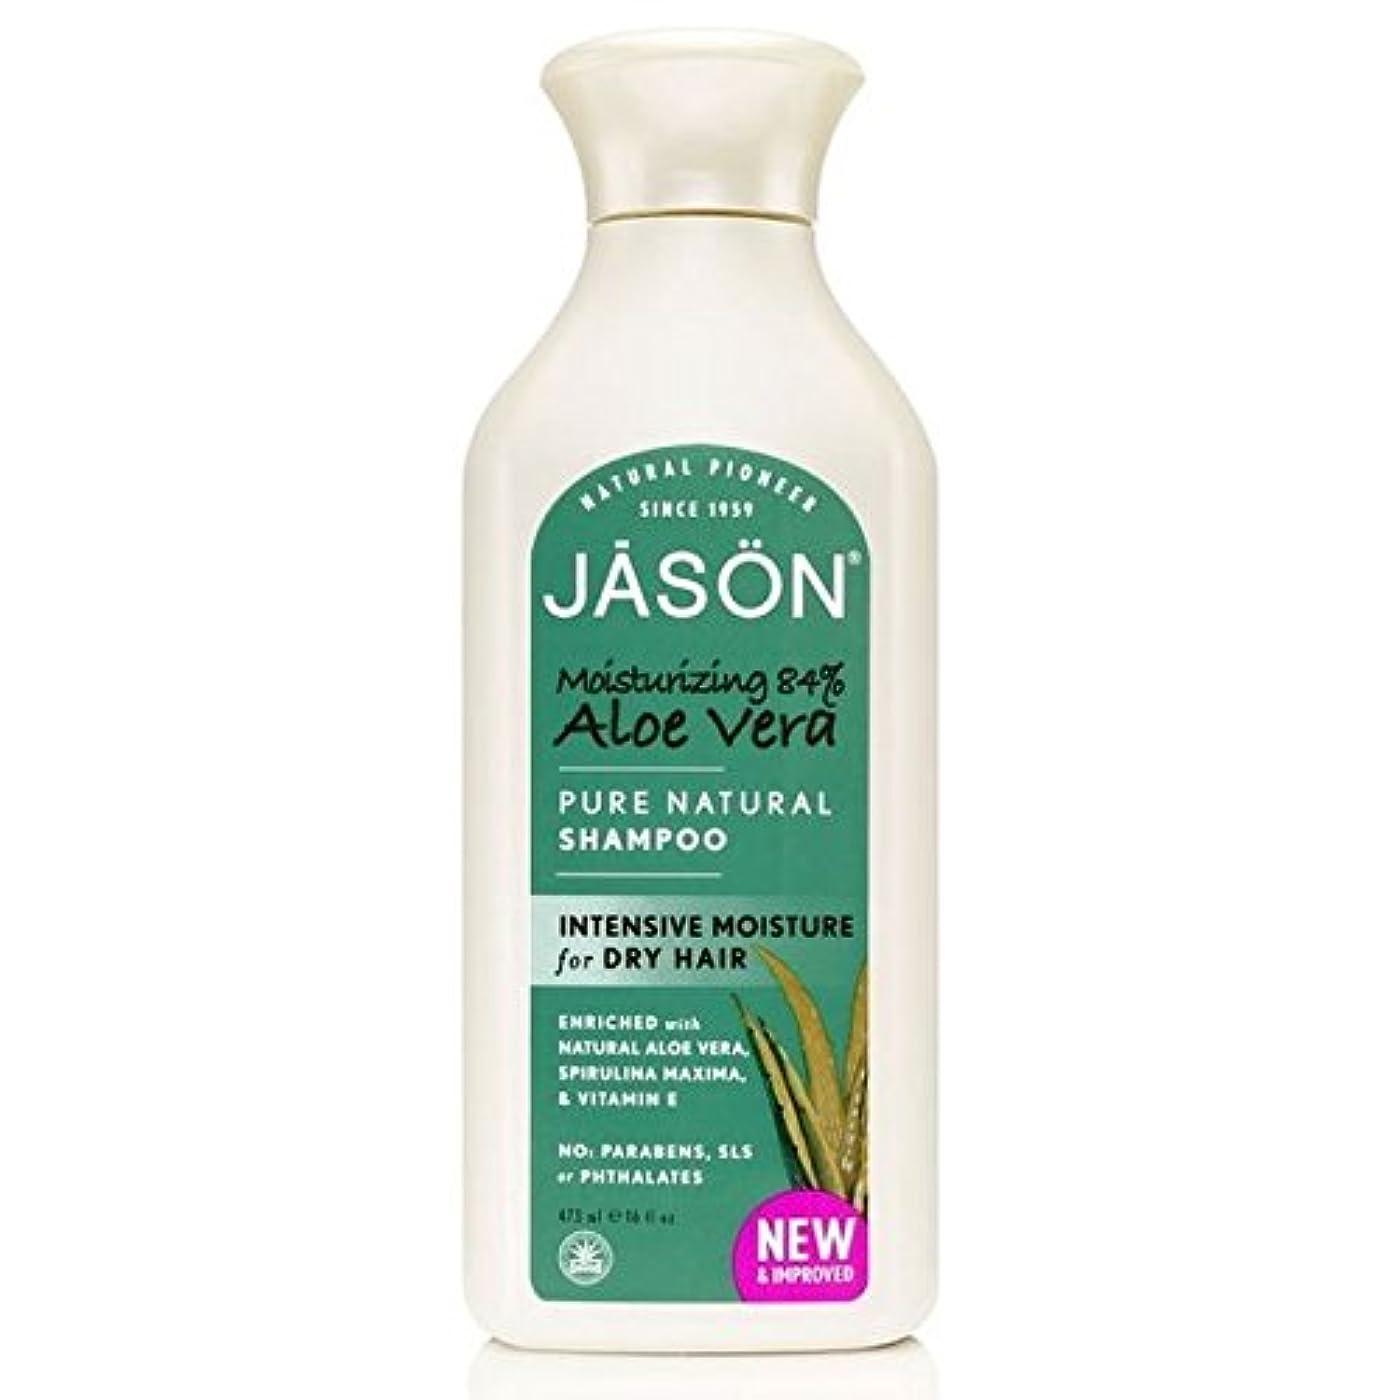 鷹ミルクぜいたくJason Aloe Vera 84% Pure Natural Shampoo 475ml - ジェイソンのアロエベラ84%の純粋な天然シャンプー475ミリリットル [並行輸入品]